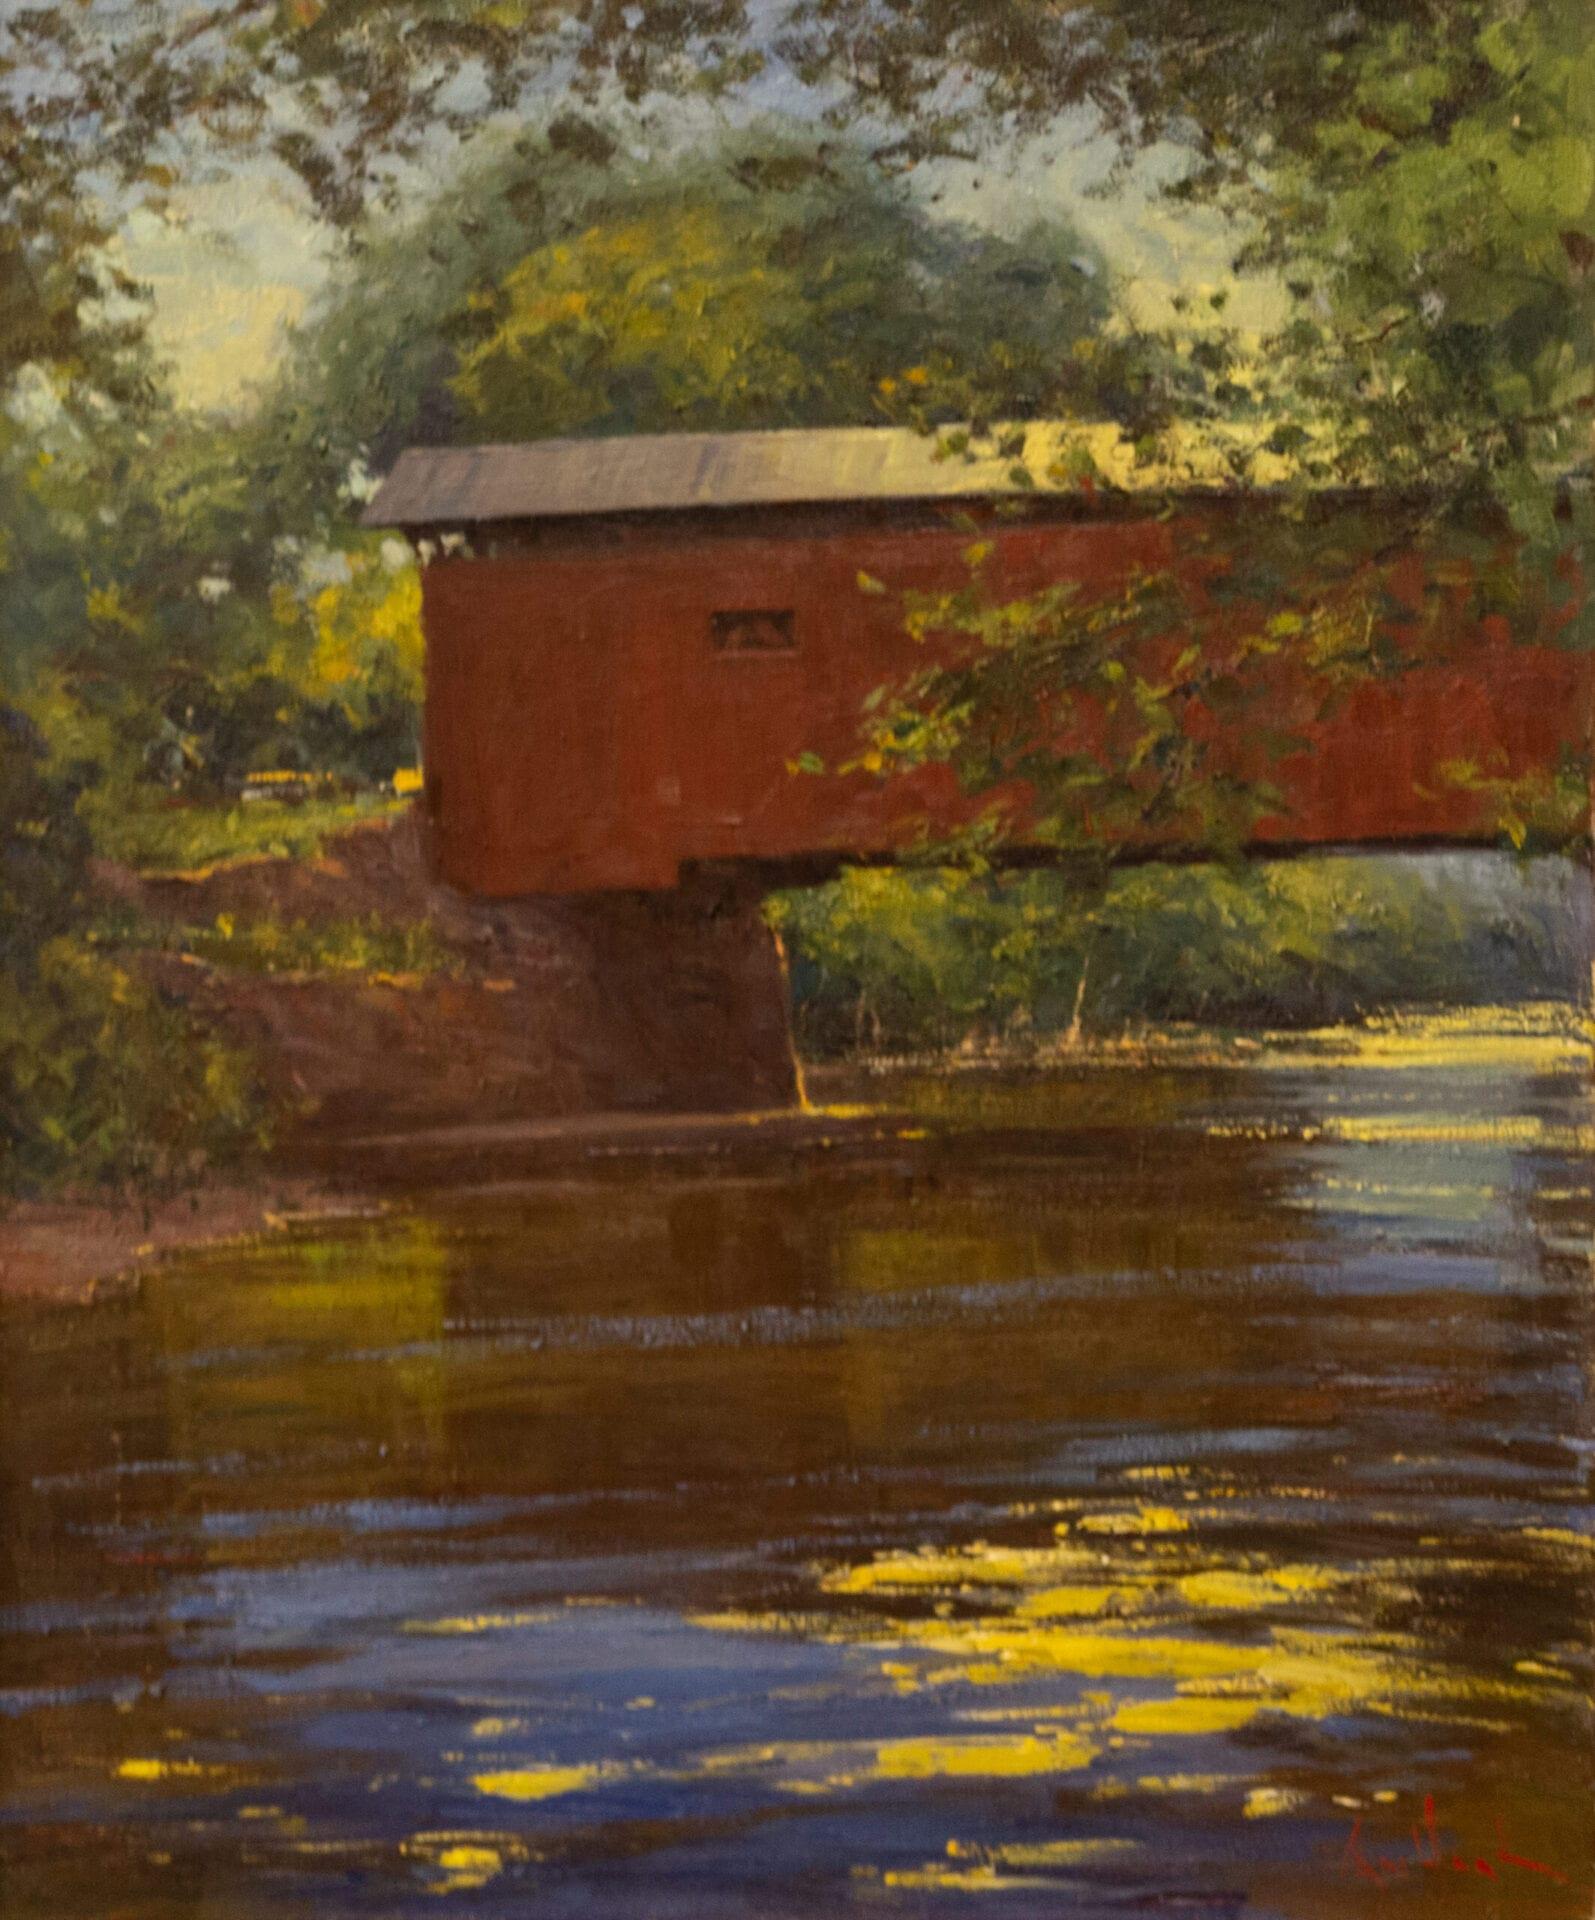 George Van Hook - The Bridge